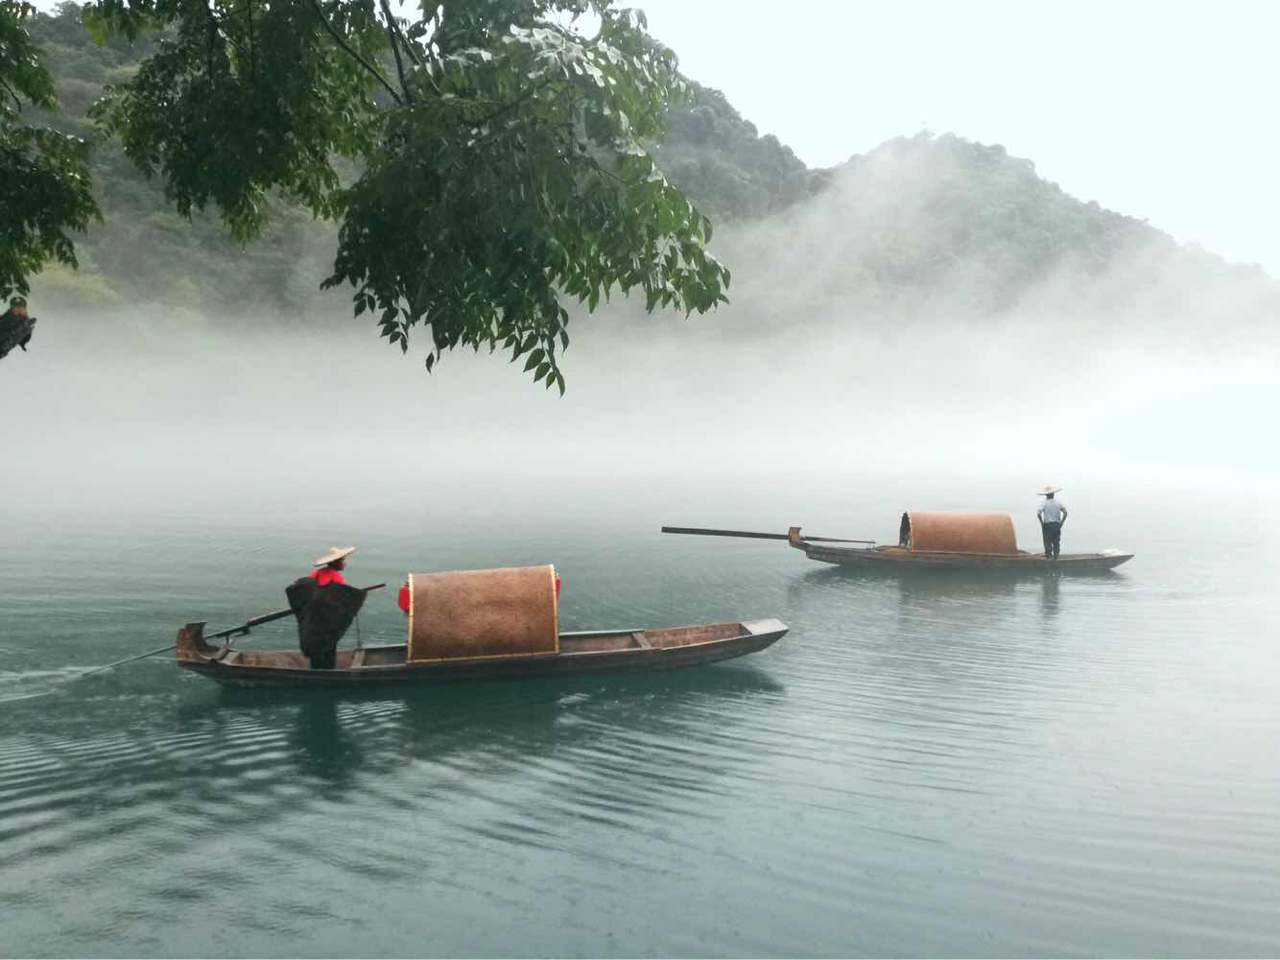 东江湖风景旅游区东江湖风景旅游区两天一夜的旅行顺利结束,非常满 图片